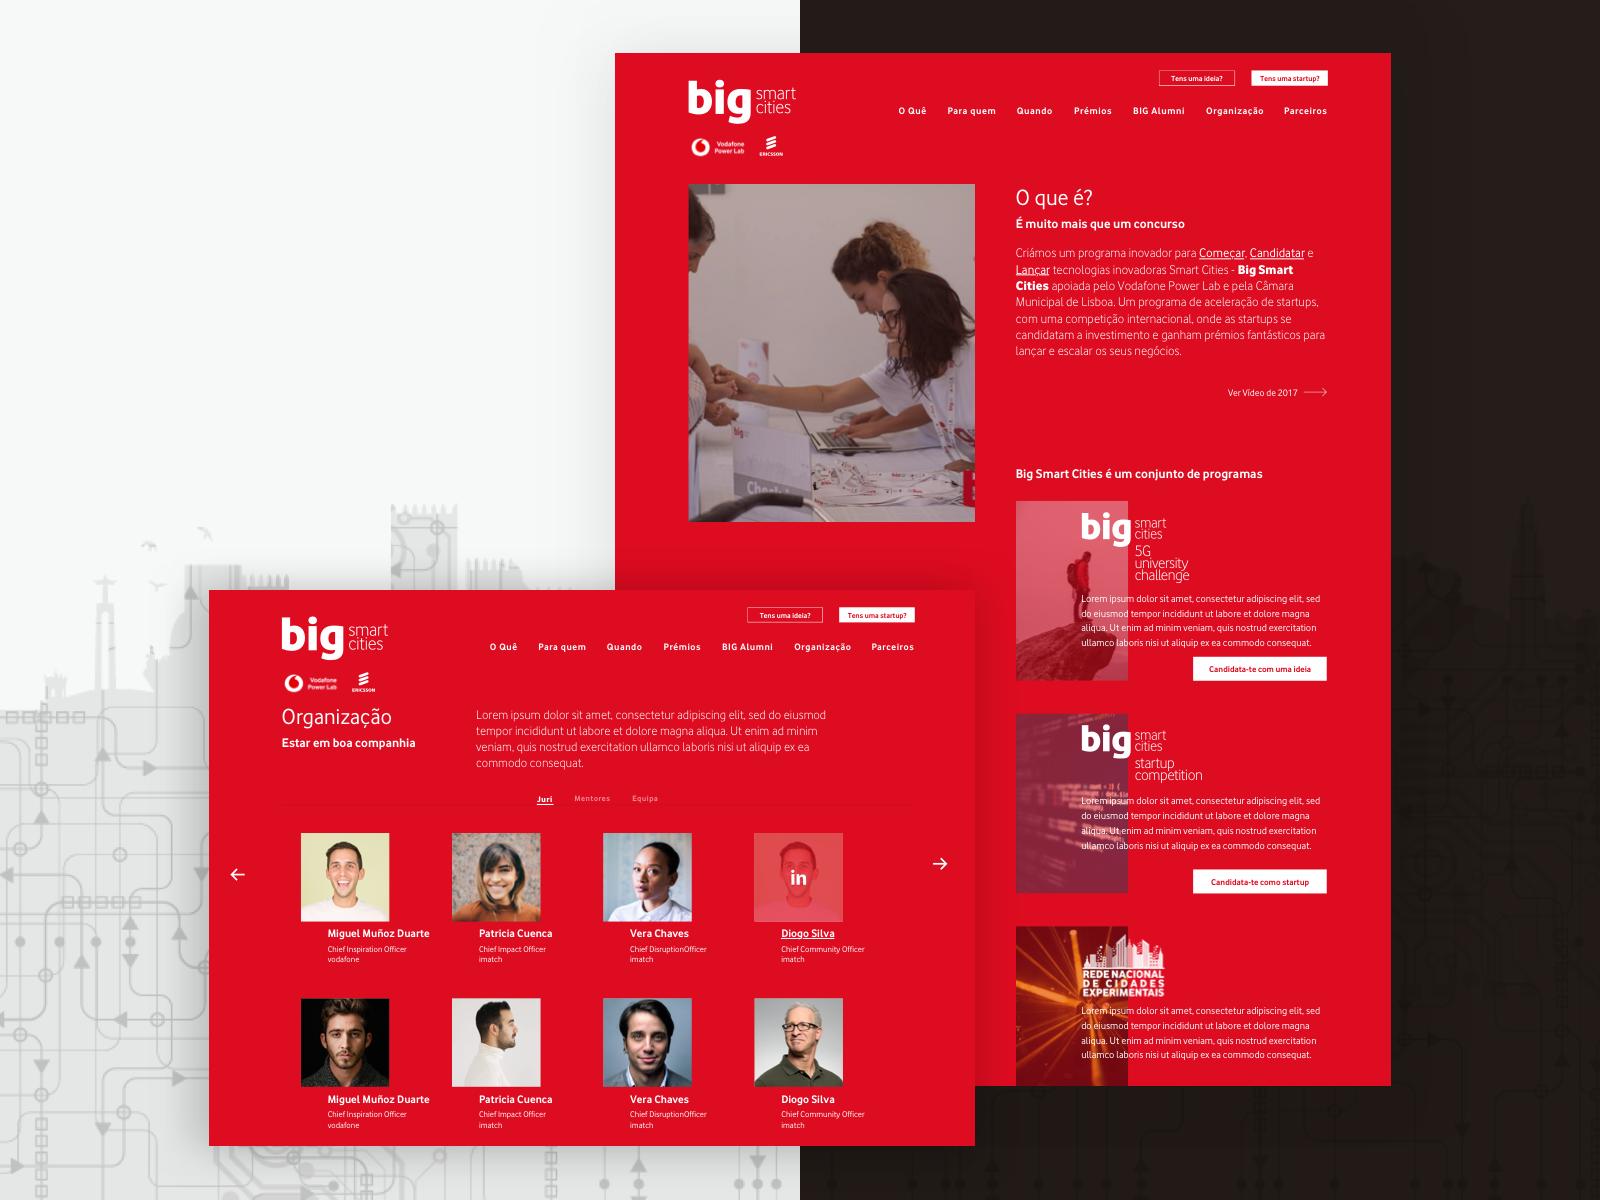 Oque-BigSmartCities-activemedia